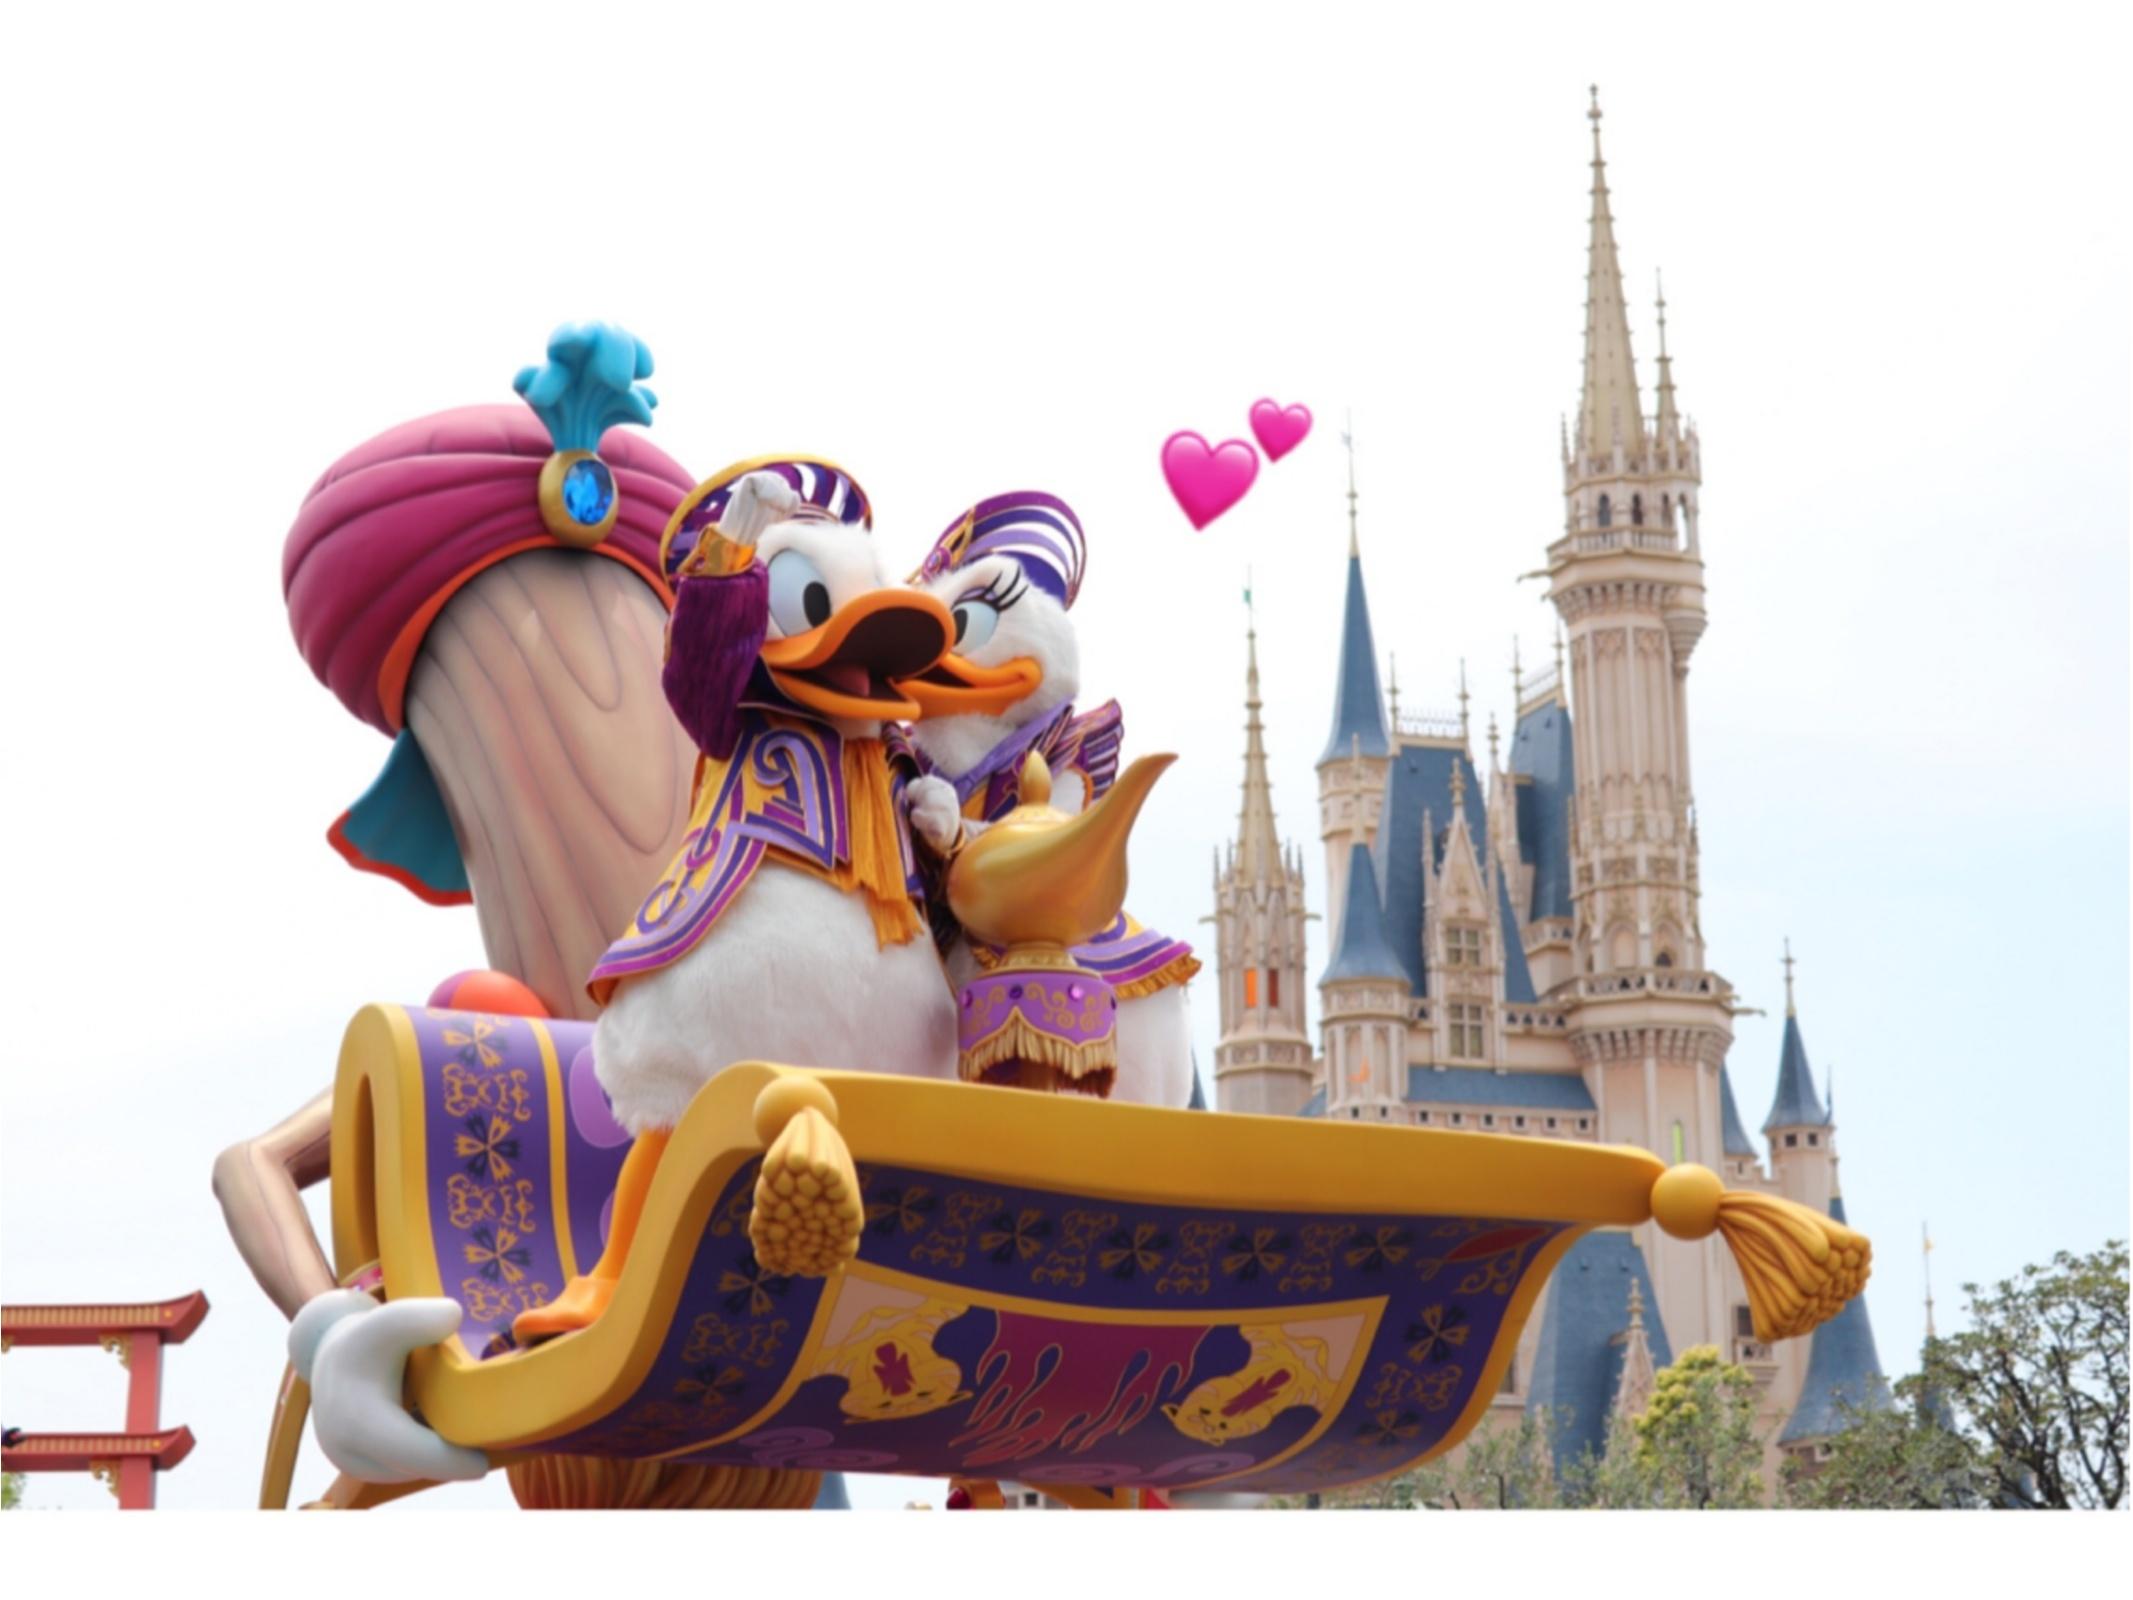 お土産やパレード情報も!! 『東京ディズニーリゾート35周年 Happiest Celebration! 』まとめ♡_20